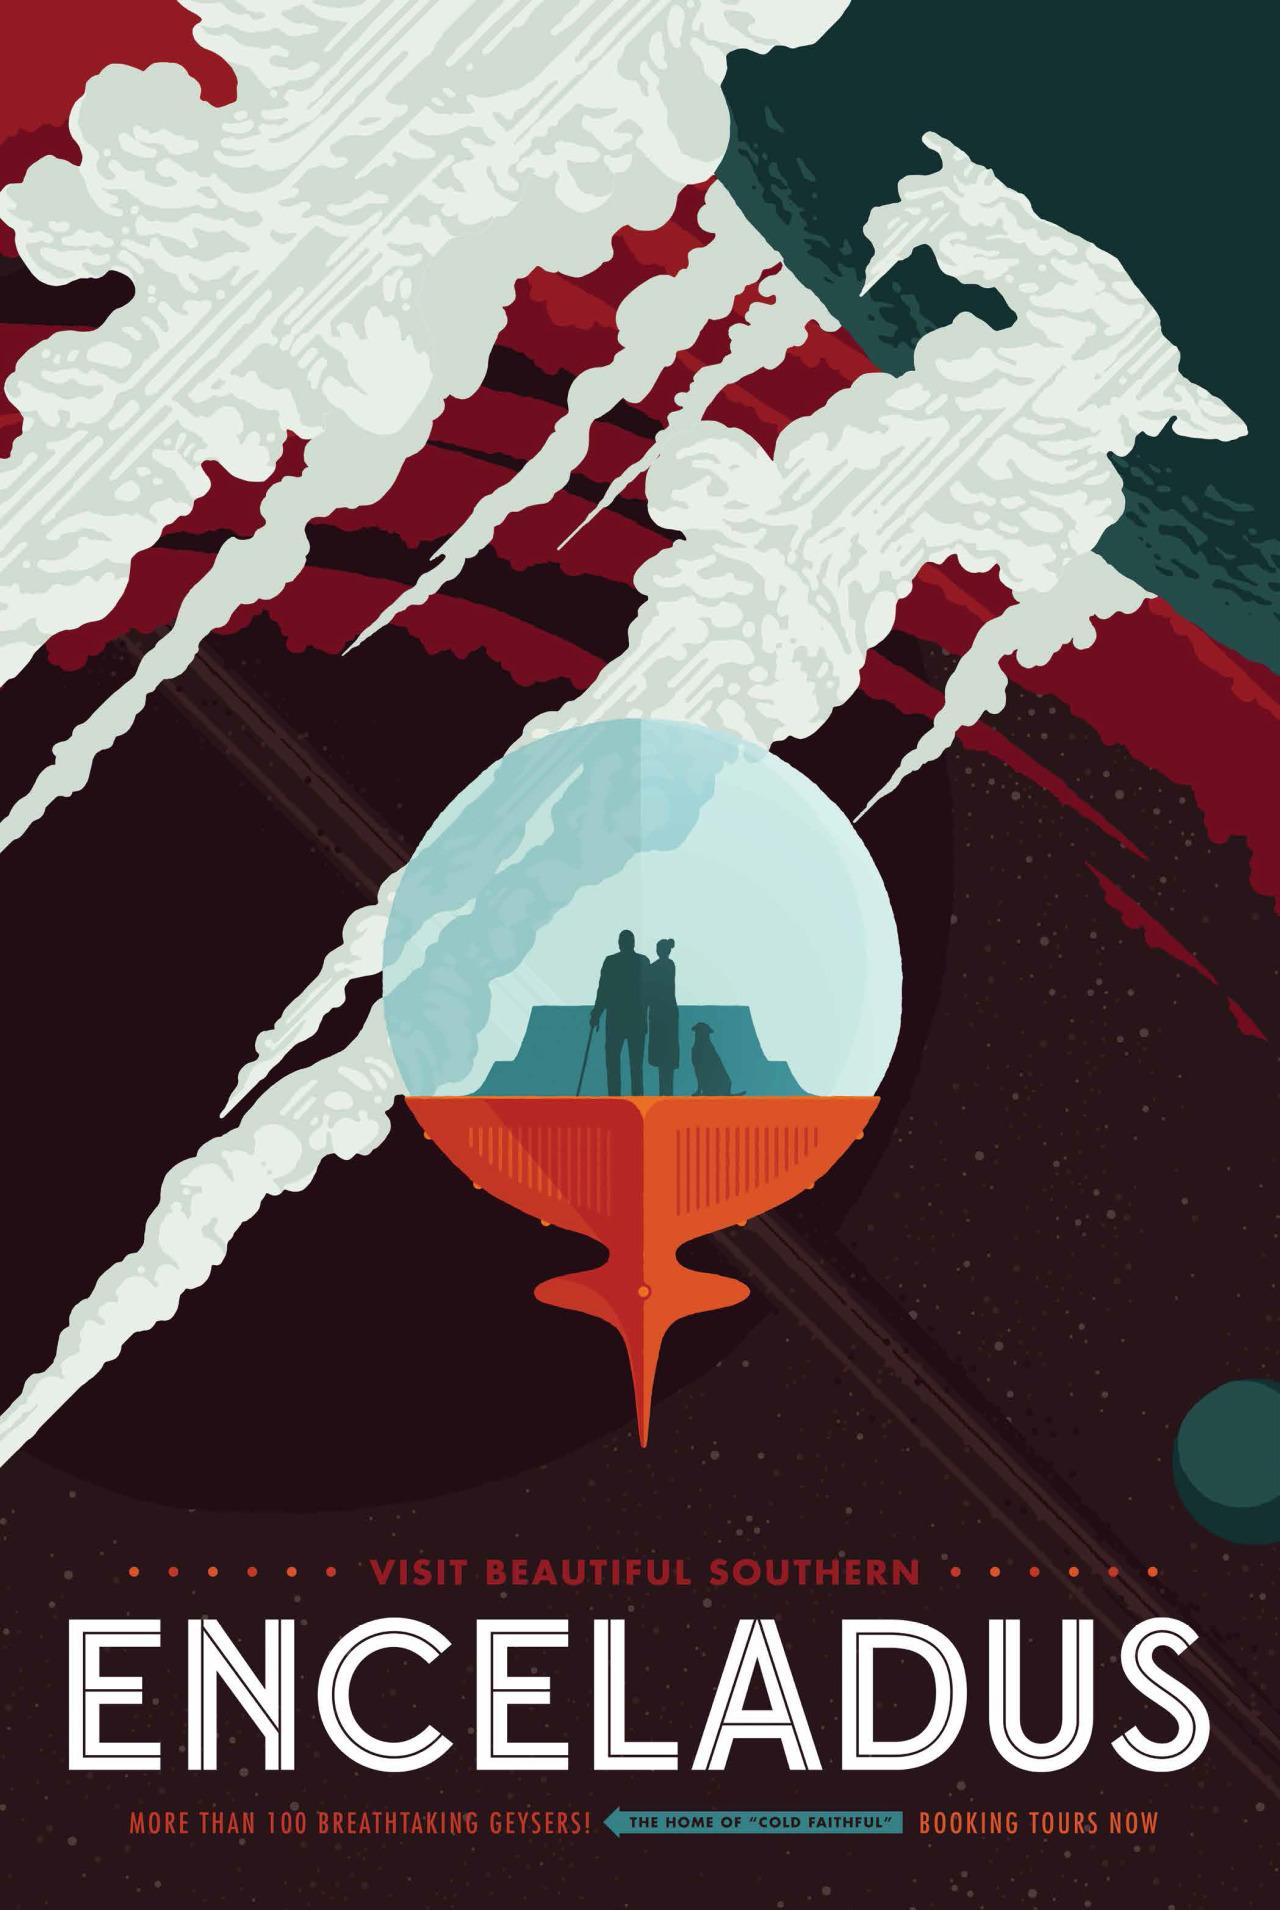 LA SPA DI ENCELADO.La scoperta degli enormi getti di ghiaccio dalla superficie della luna di Saturno Encelado, e il ruolo da loro ricoperto nella formazione dell'anello E del pianeta, è uno dei migliori risultati della gloriosa missione Cassini sul Signore degli anelli. È grazie alla sonda che sono state raccolte le evidenze di un oceano sotterraneo e i primi segni di una potenziale attività idrotermale. Se avete bisogno di un buon bagno e volete fare la cura delle acque la vostra vacanza comincia qui. Crediti: NASA